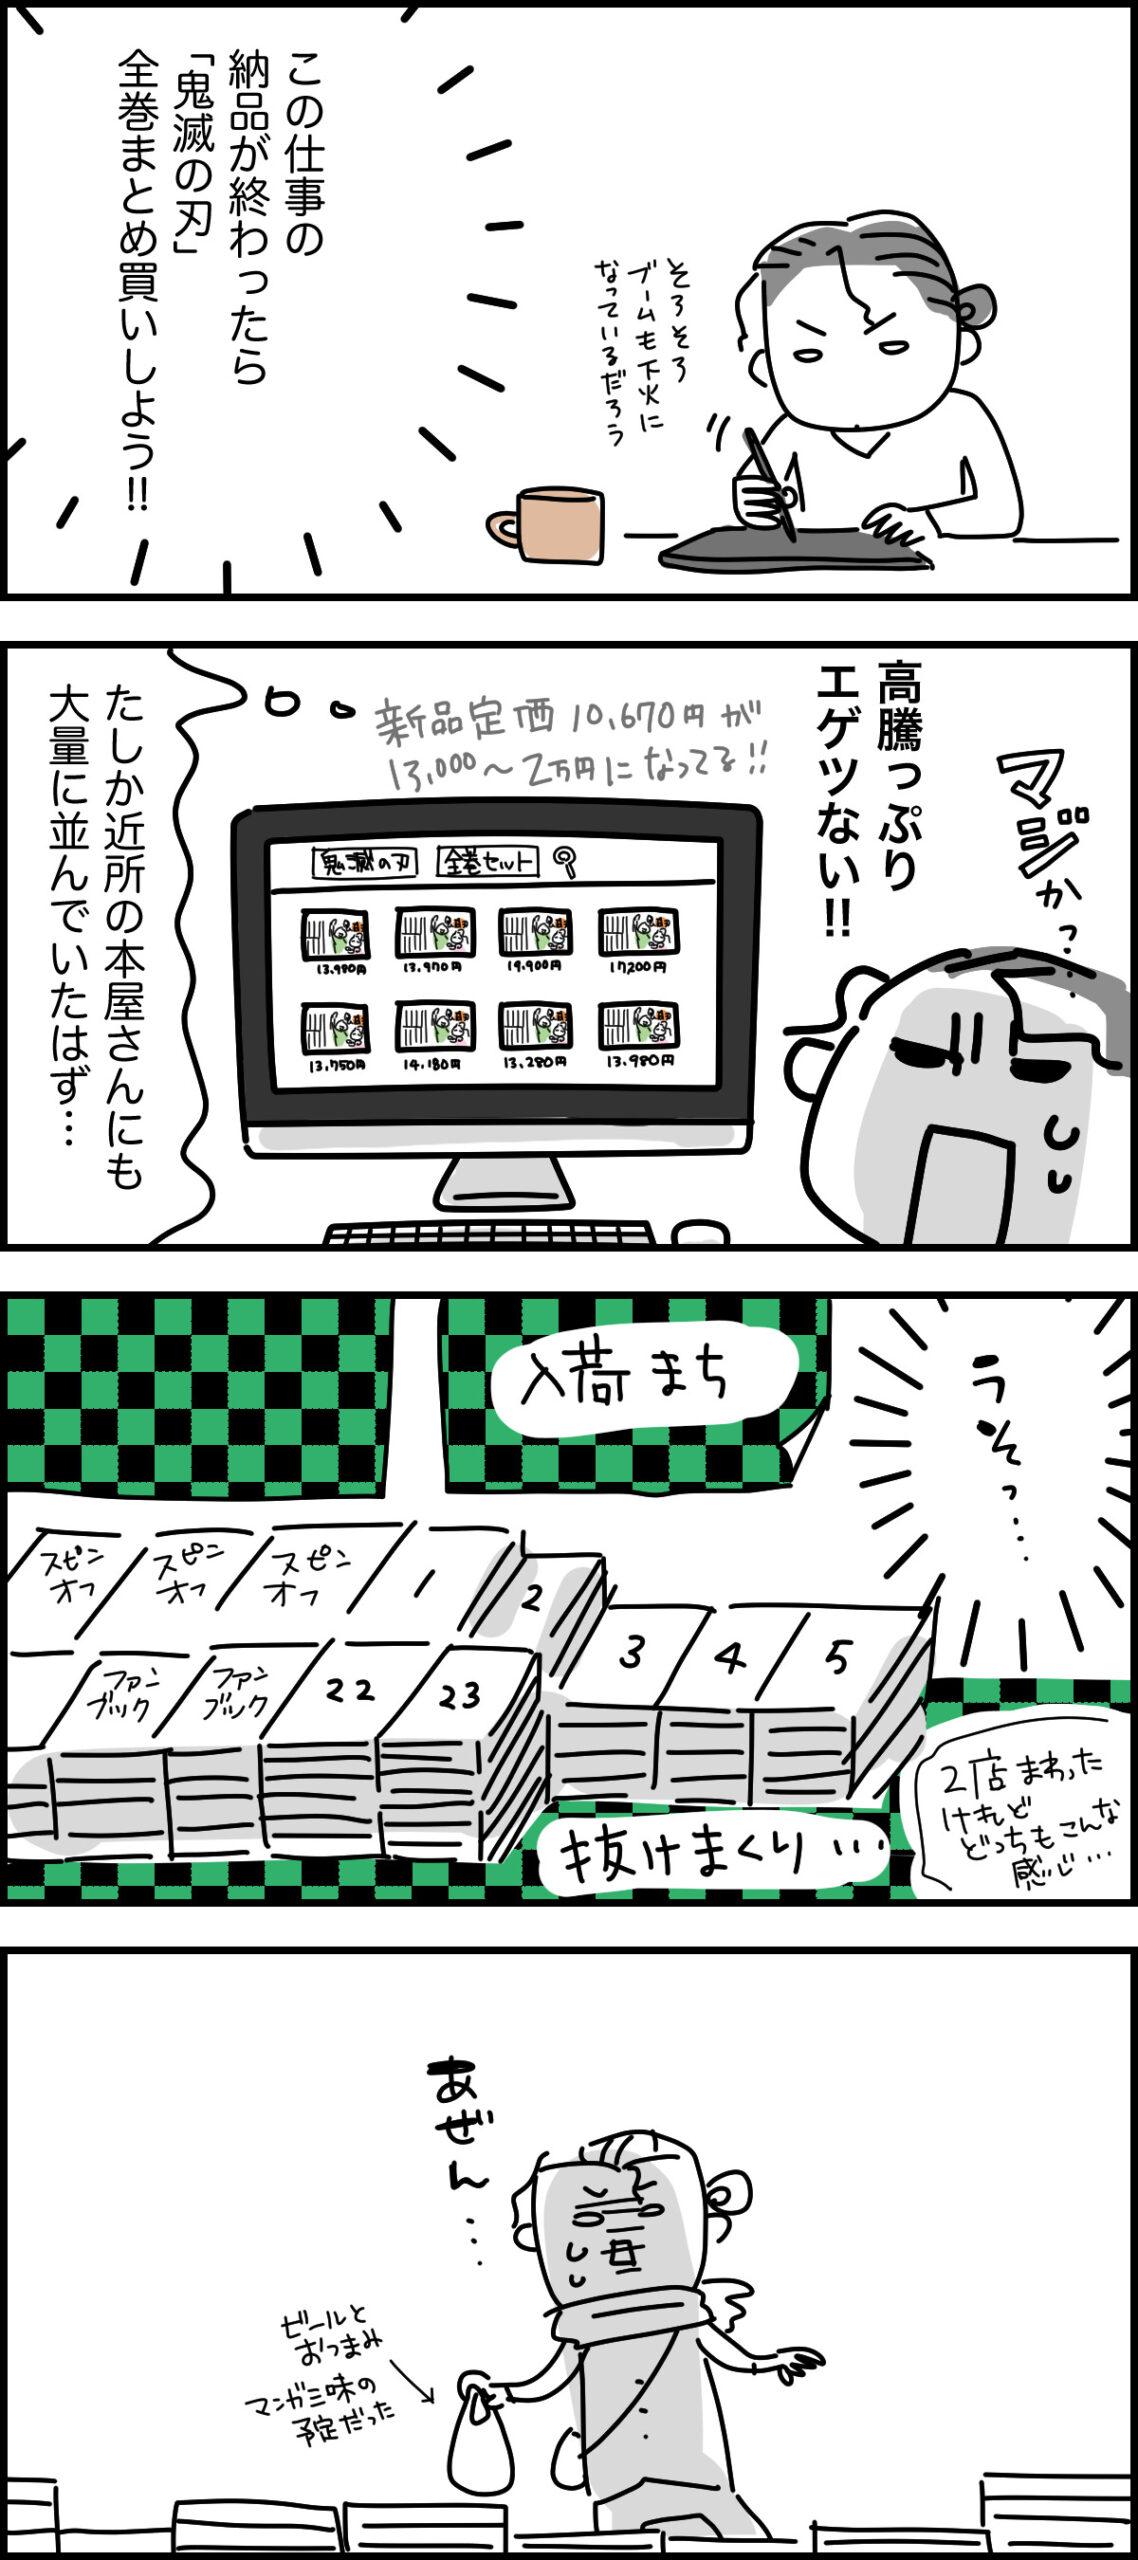 【マンガ】鬼滅の刃全巻セット購入大人買いの話(*´∀`*)